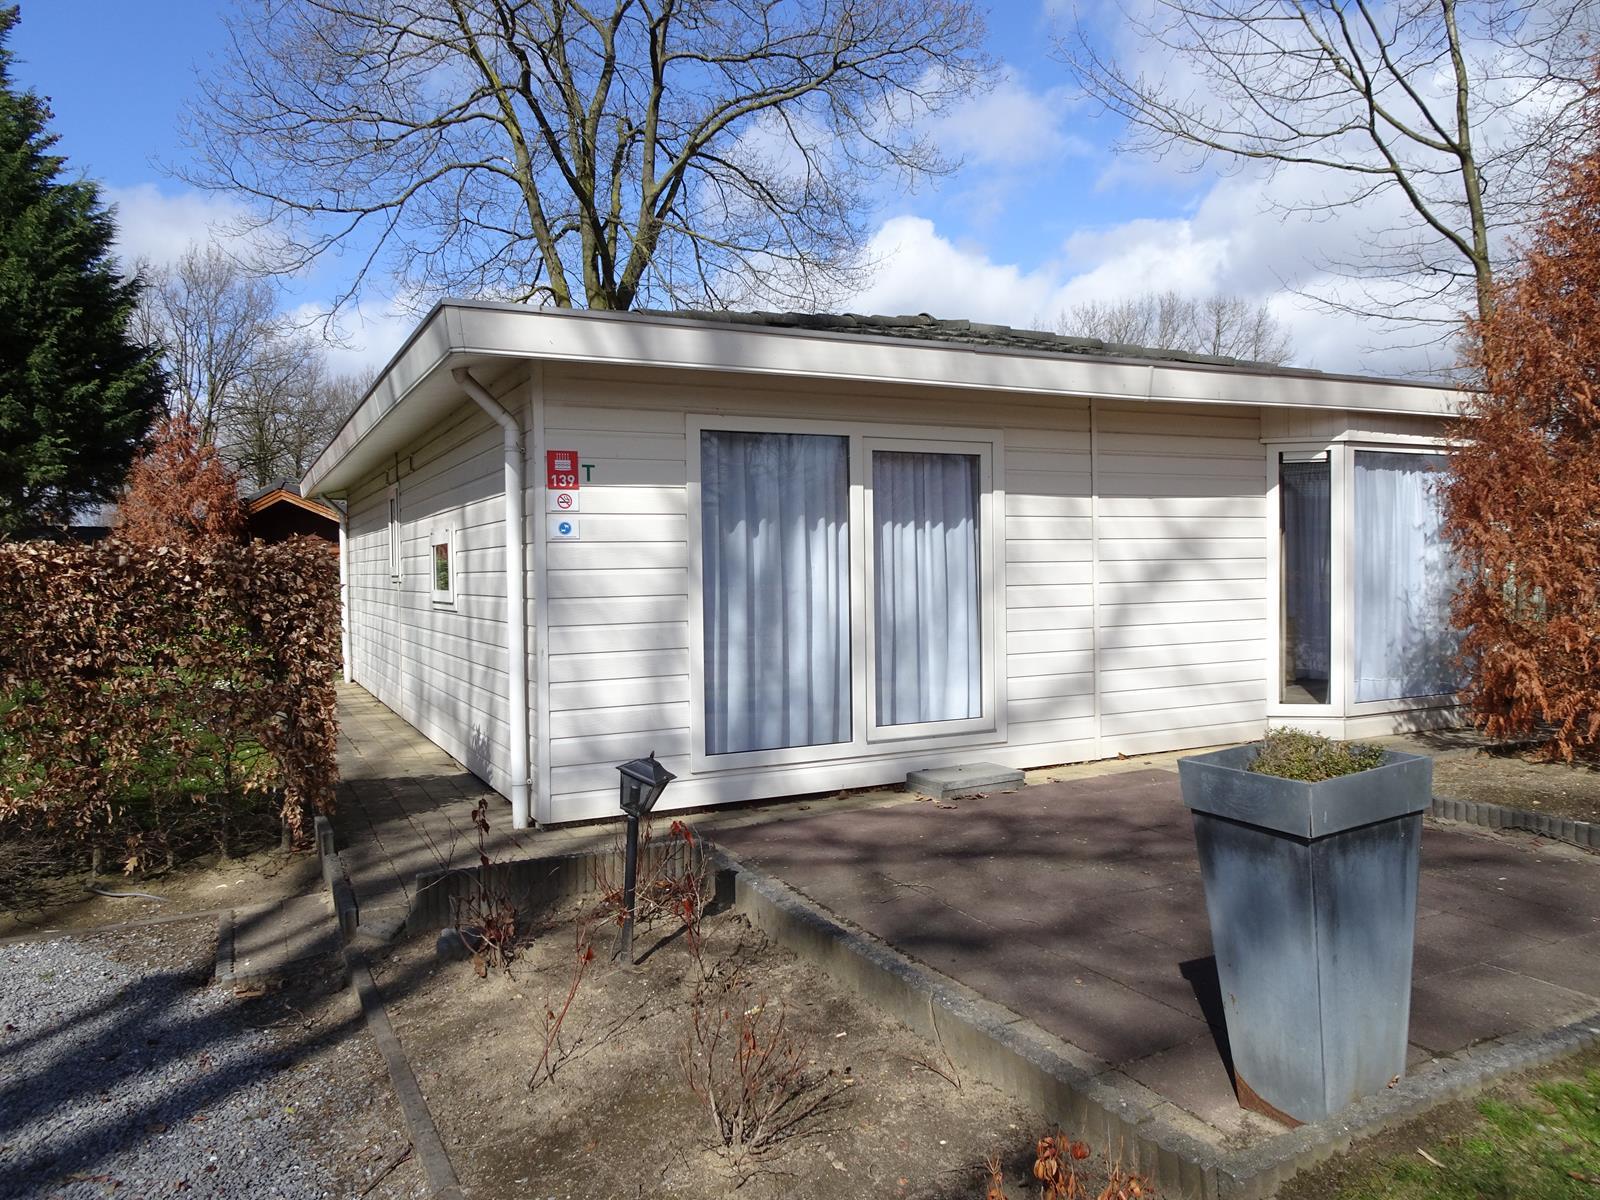 Vakantiehuis te koop Limburg Susteren 139 001.jpg